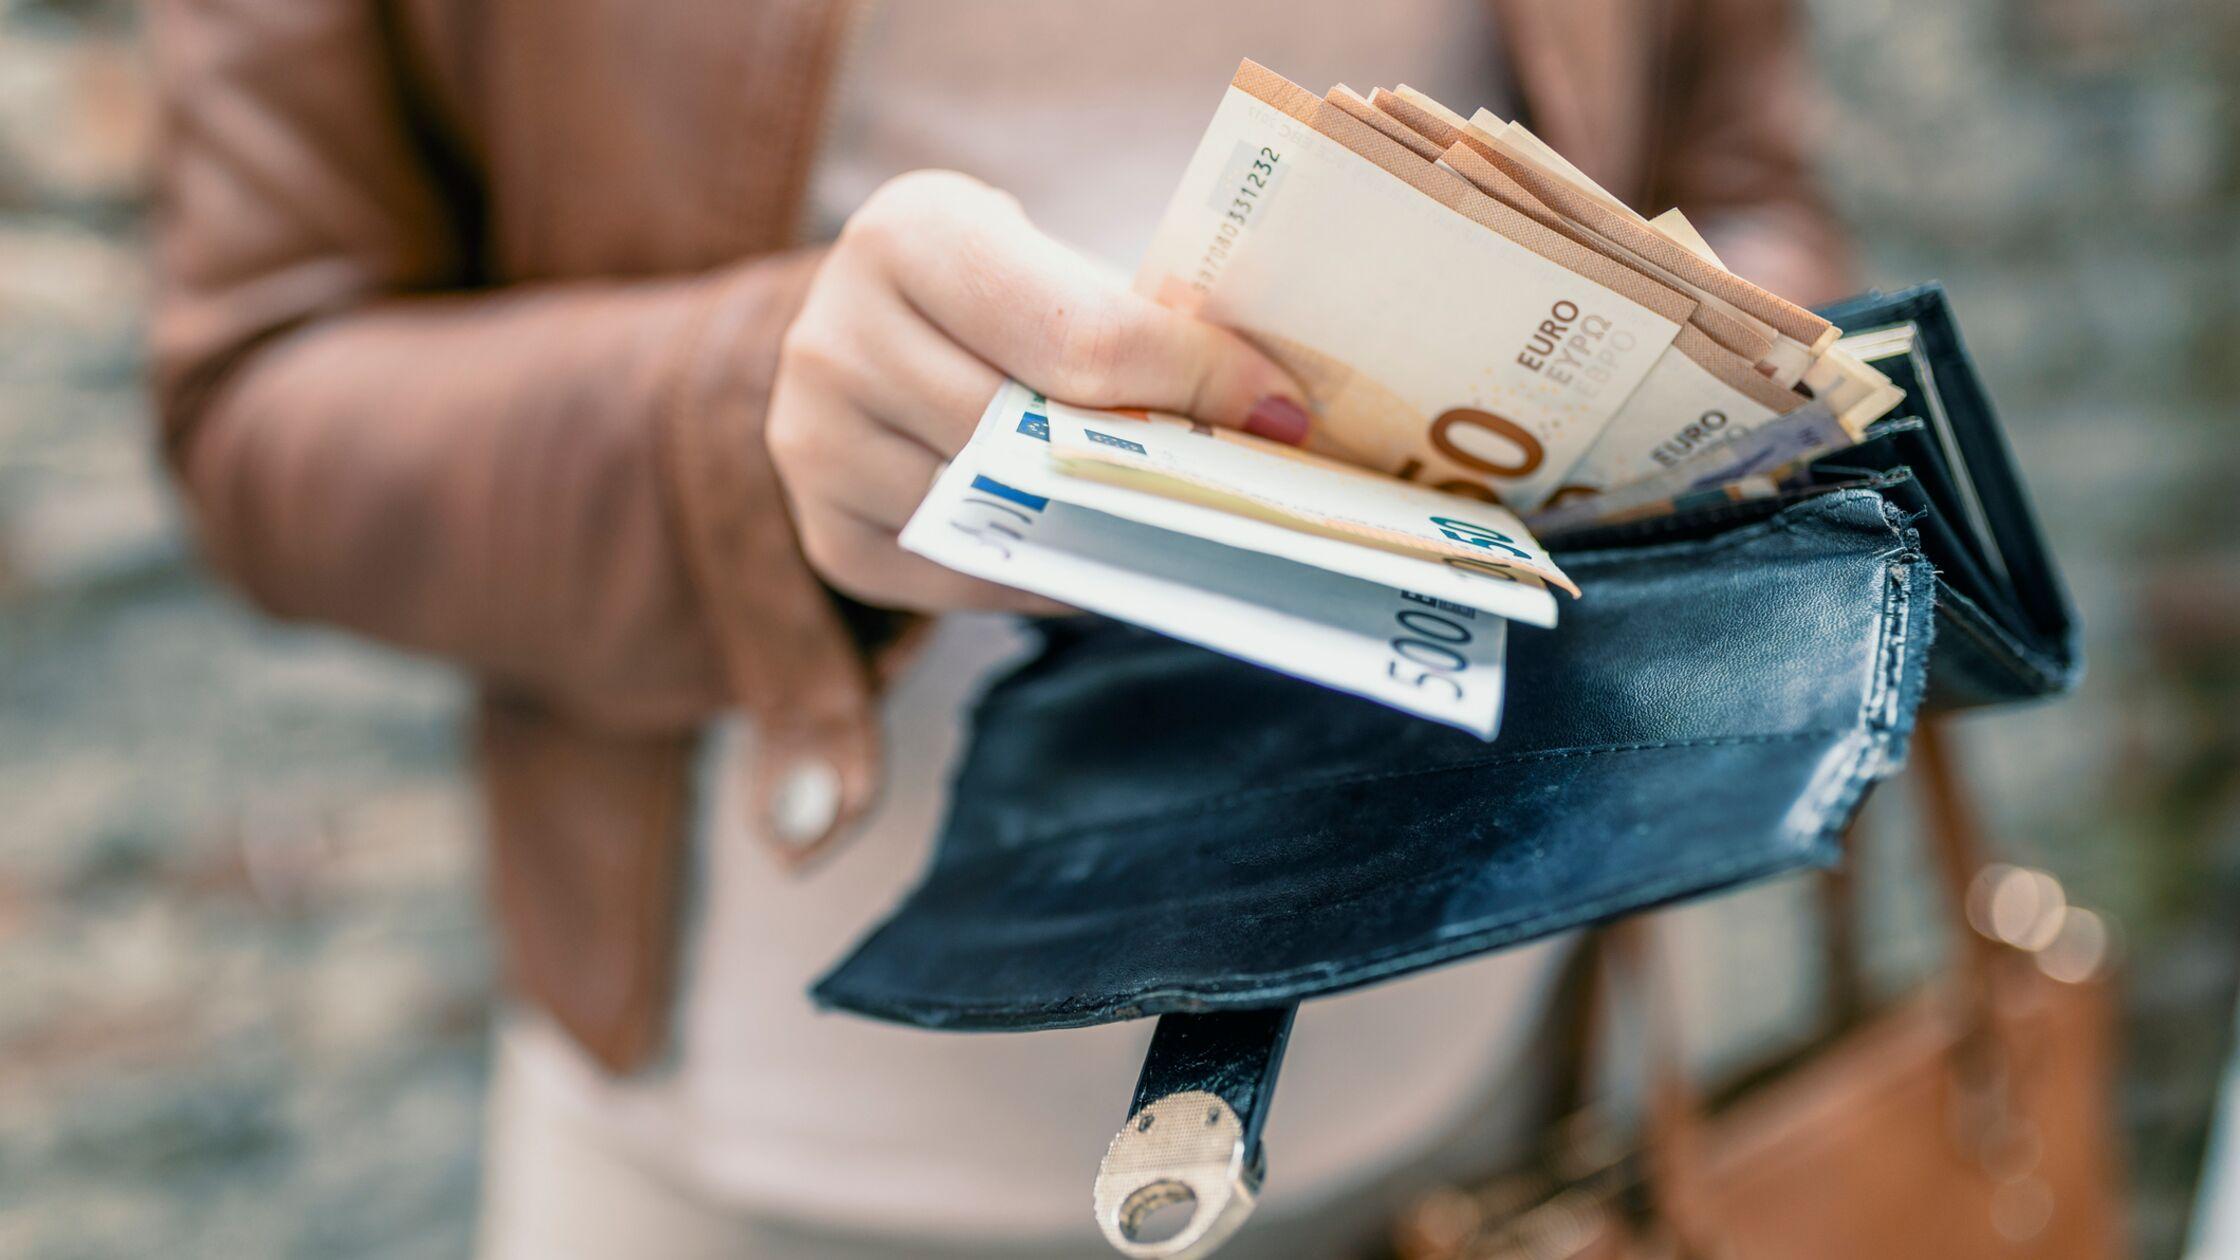 Frauenhand nimmt ein Bündel Geldscheine aus einem Geldbeutel